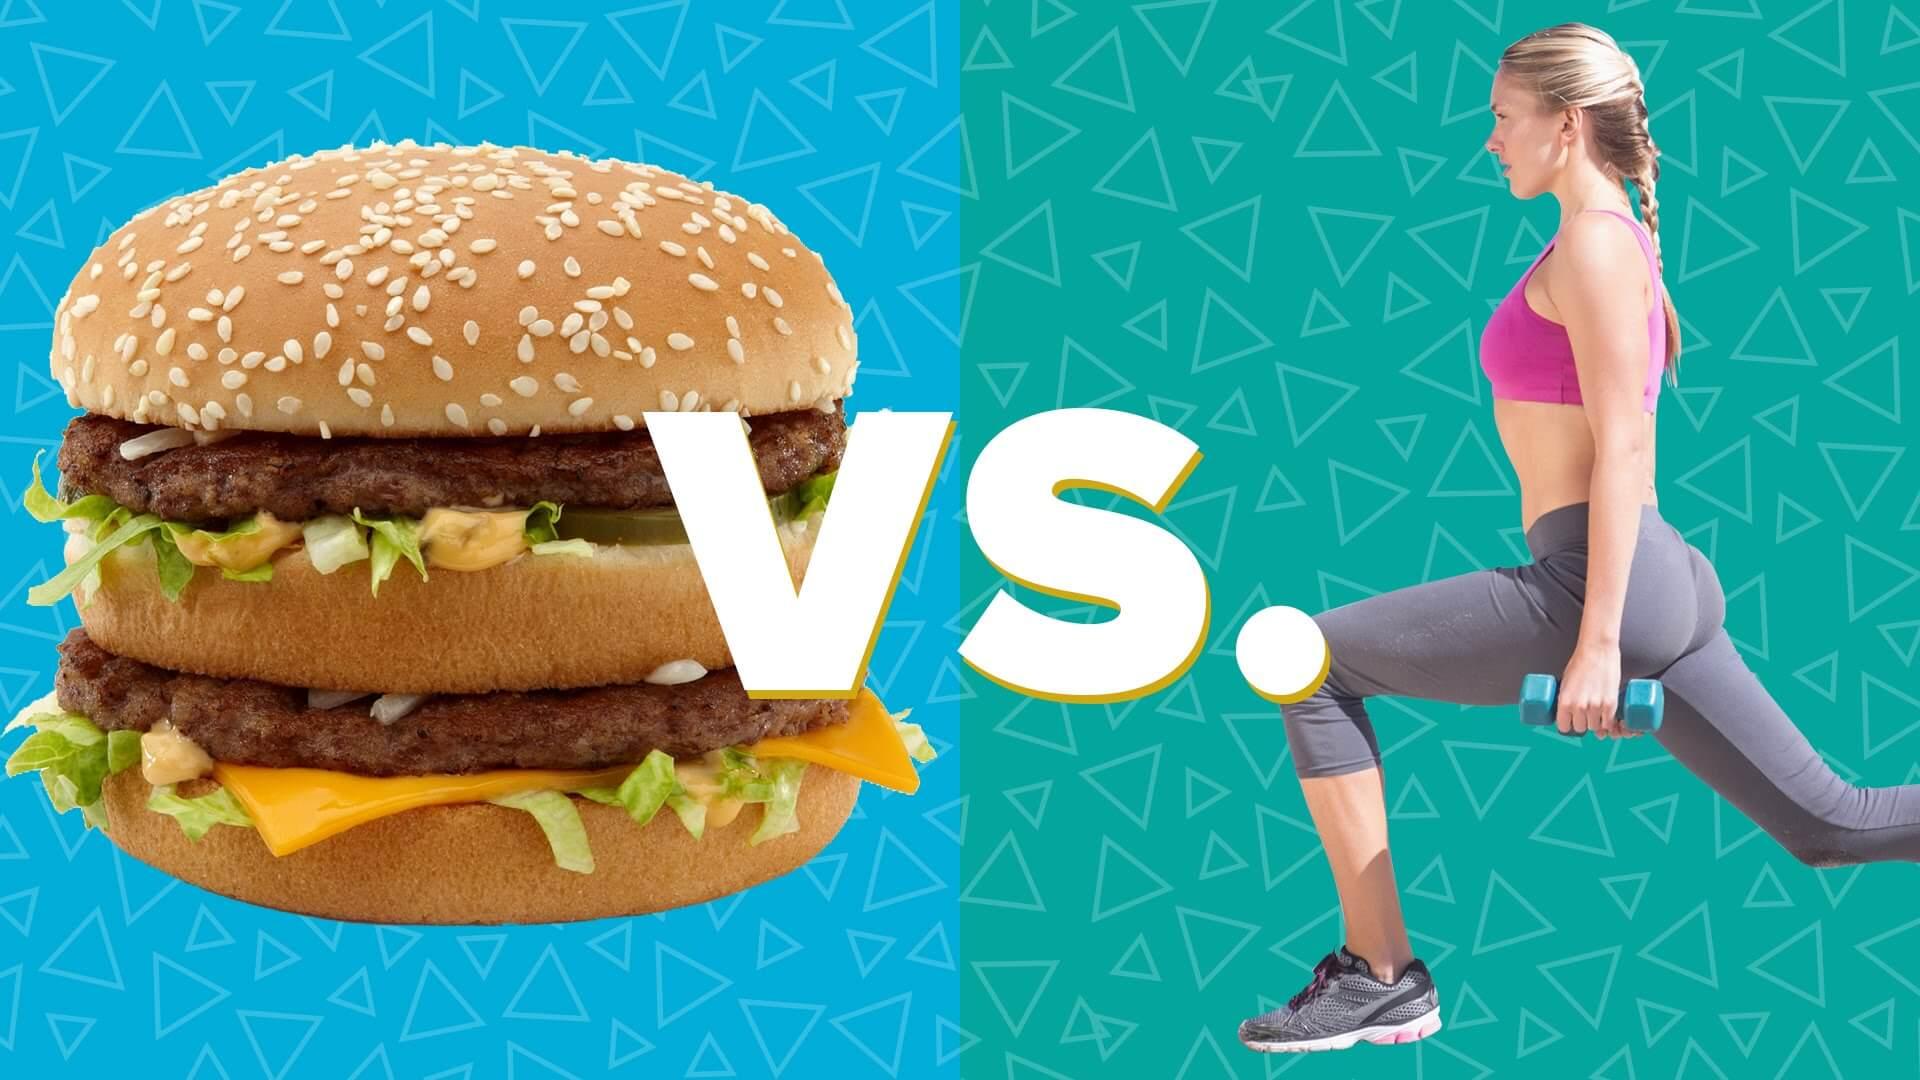 Mennyi mozgás kell egy hamburger kalóriájának elégetéséhez?